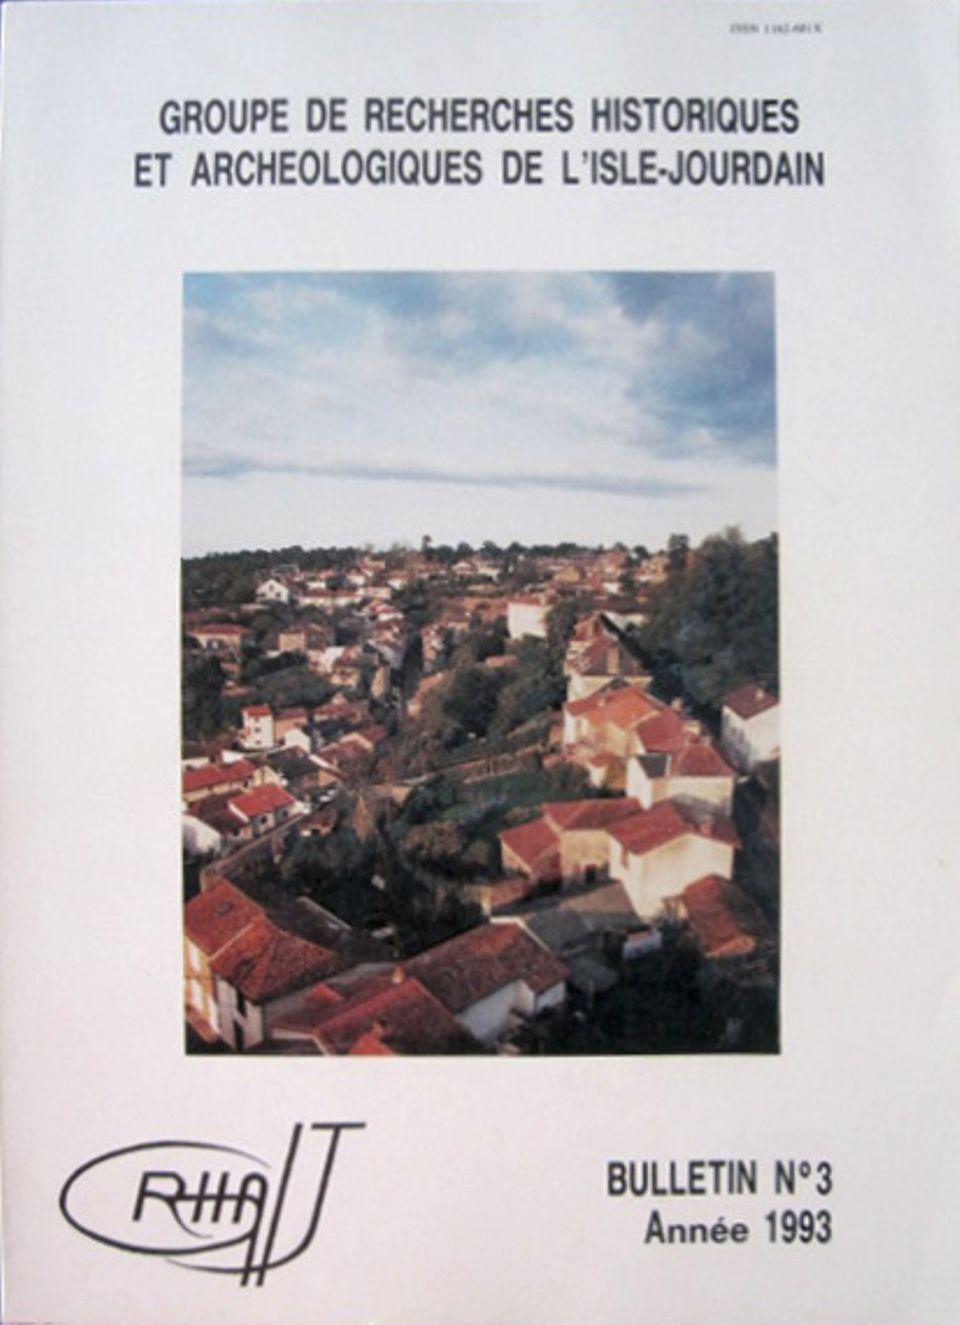 Bulletin du GRHAIJ, Bulletin n°3 - 1993,